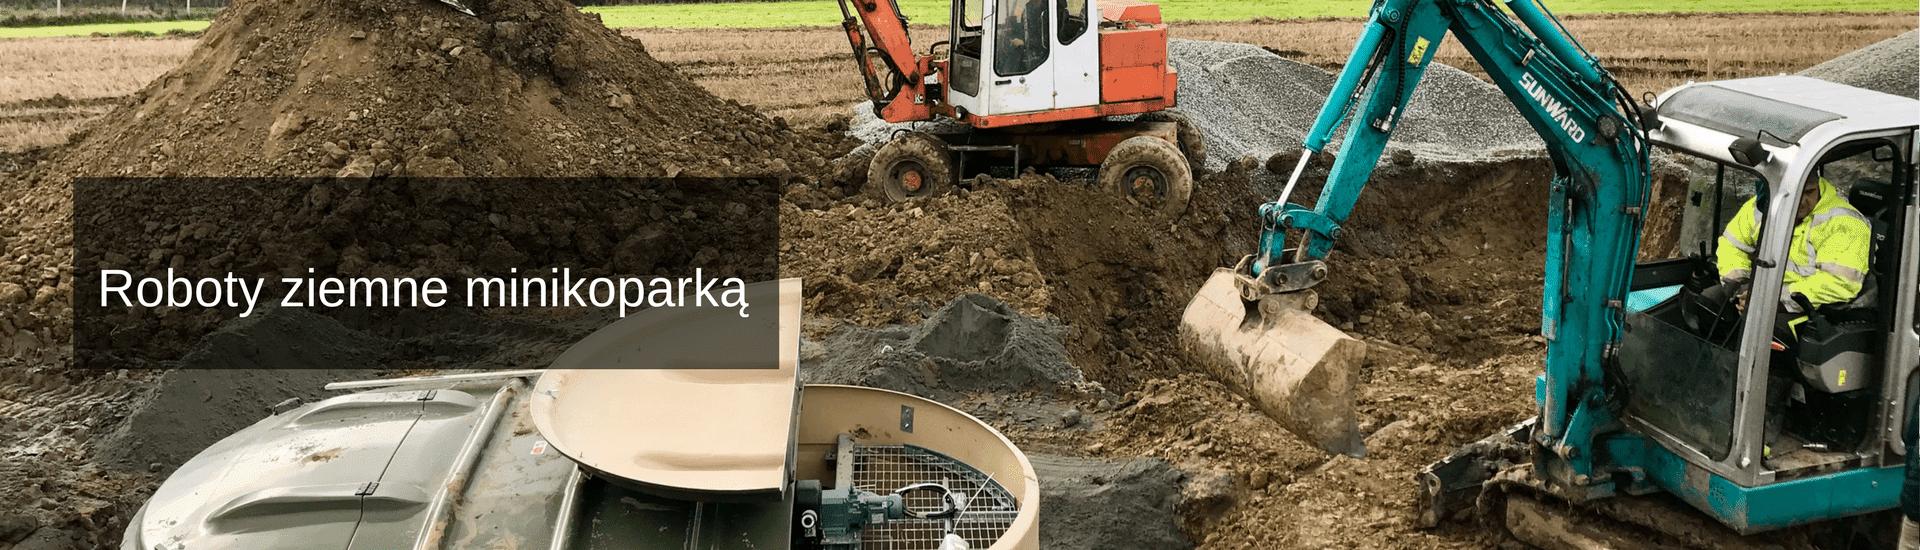 https://oczyszczalniebiologiczne-mawex.pl/wp-content/uploads/2018/03/Oczyszczalnie-przydomowe-roboty-ziemne-minikoparka-1920x550.png